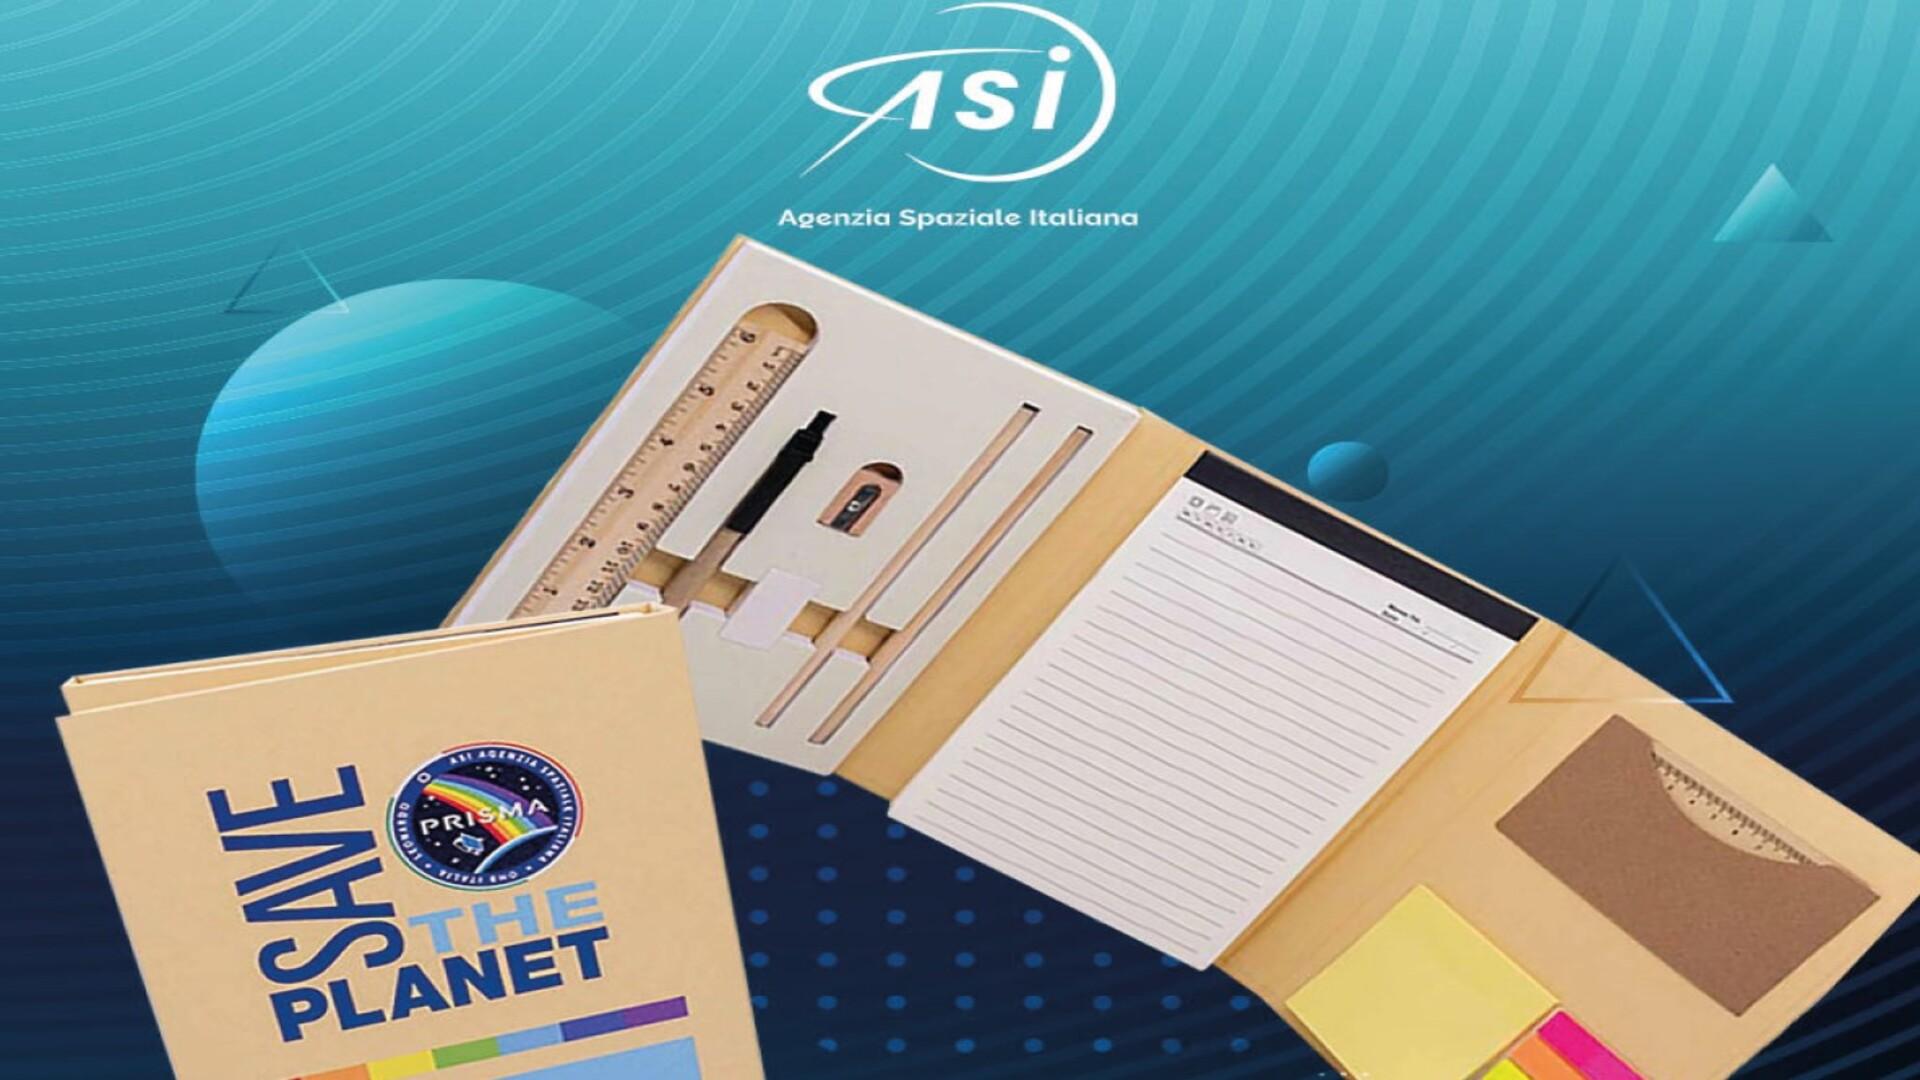 ASI - Black Friday, promozione per il merchandising ASI